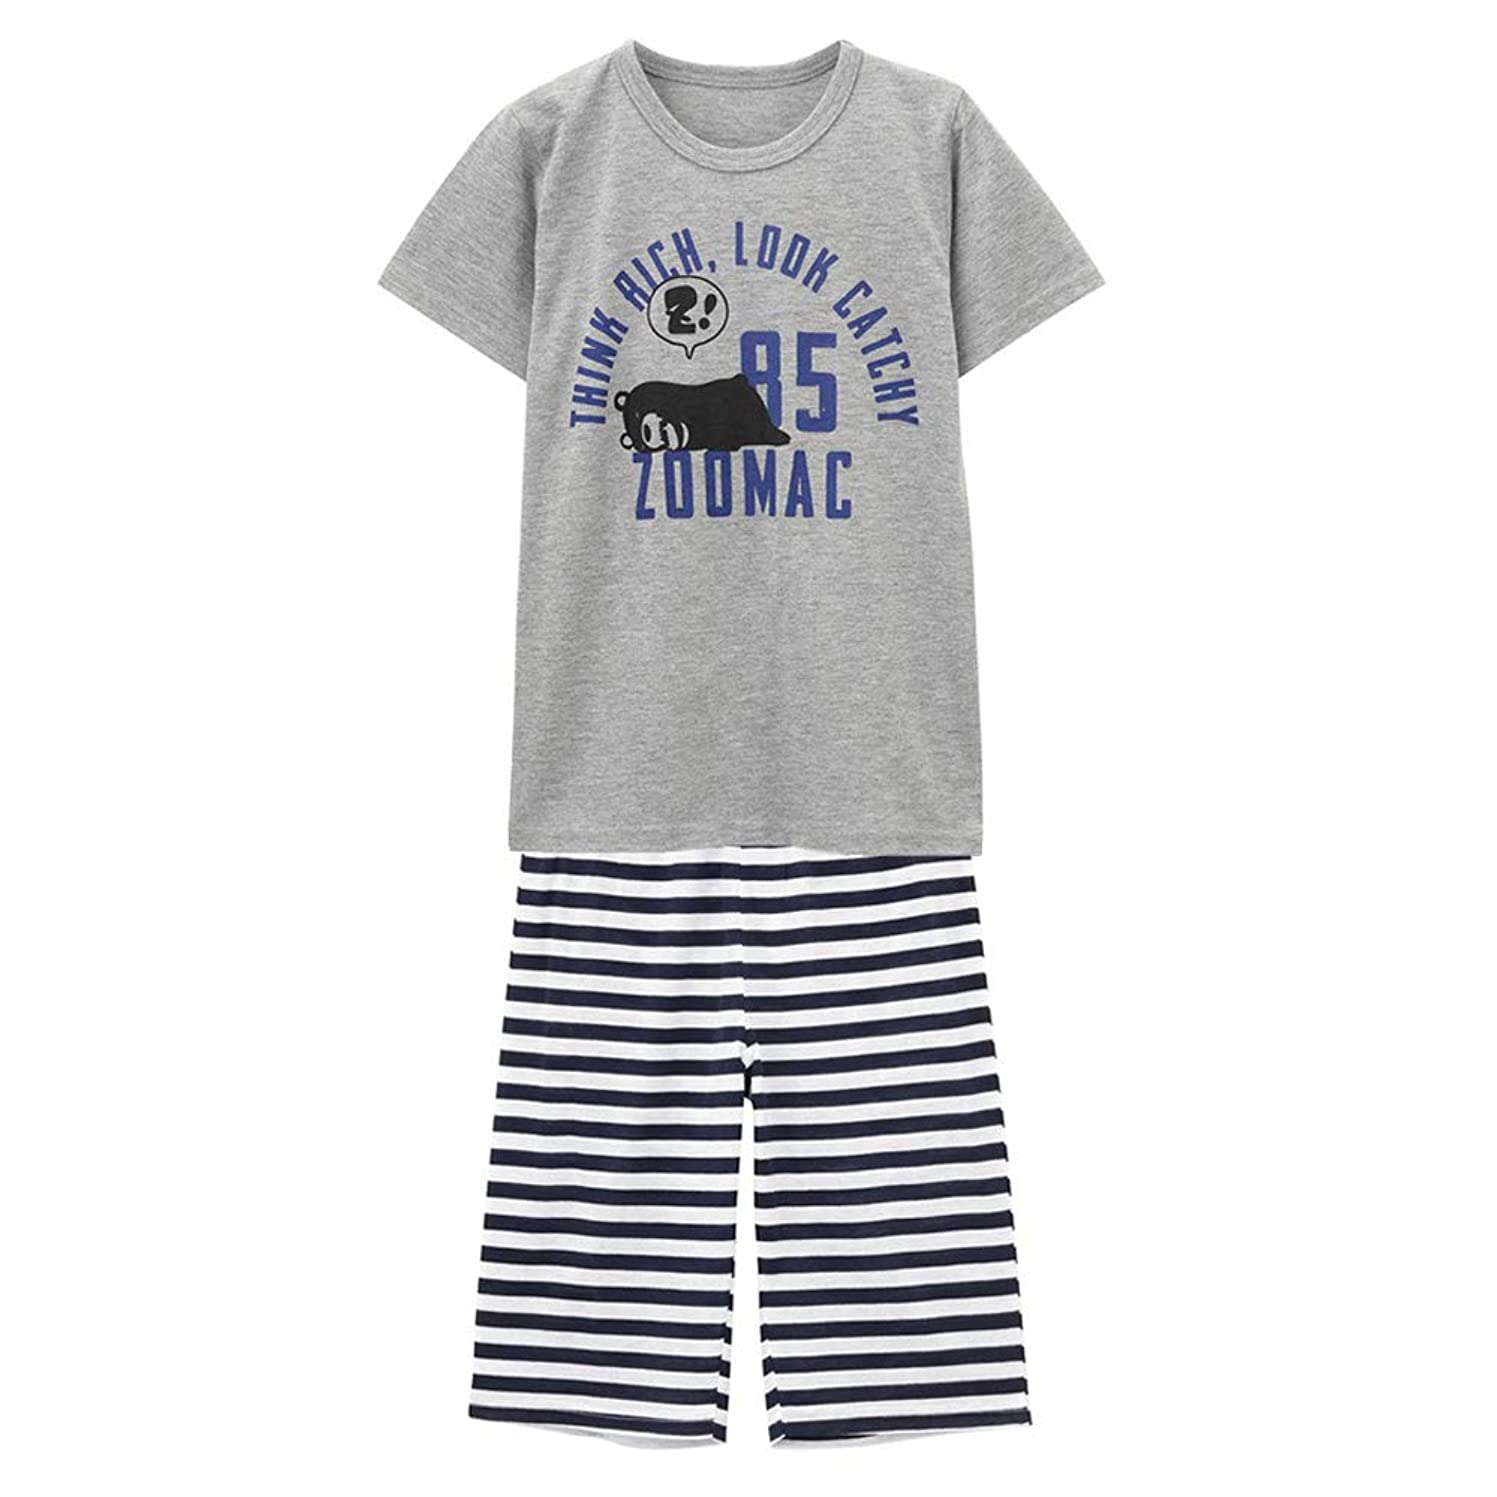 使用法レタッチジャンクションZOOMAC(ズーマック) ボーイズ Tシャツルームセット 子ども 男の子 ルームウェア パジャマ MH/ZM755B インナーレッグキッズ